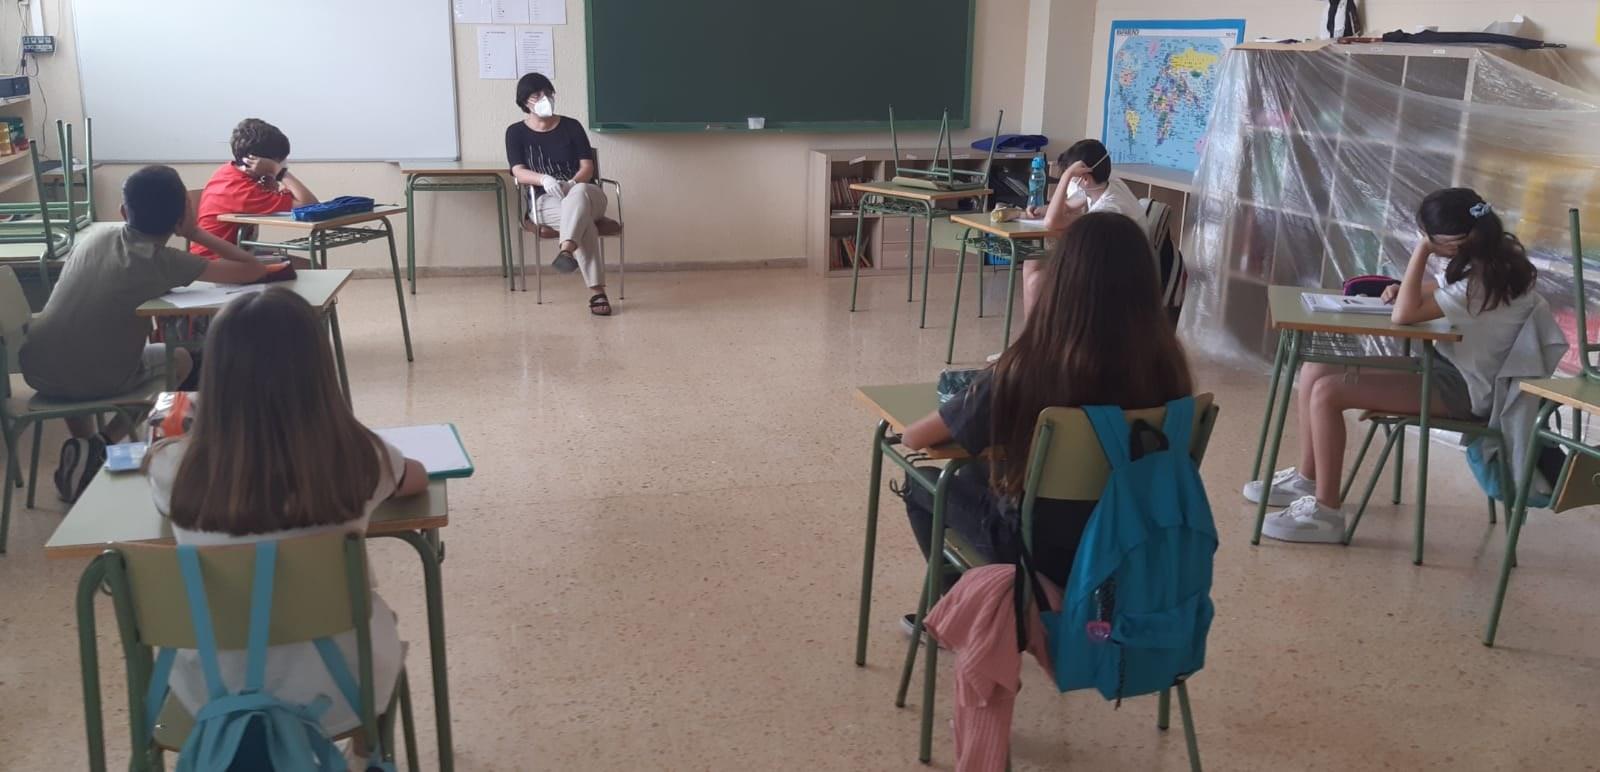 Les escoles i els instituts de Sitges reobren amb mesures de seguretat